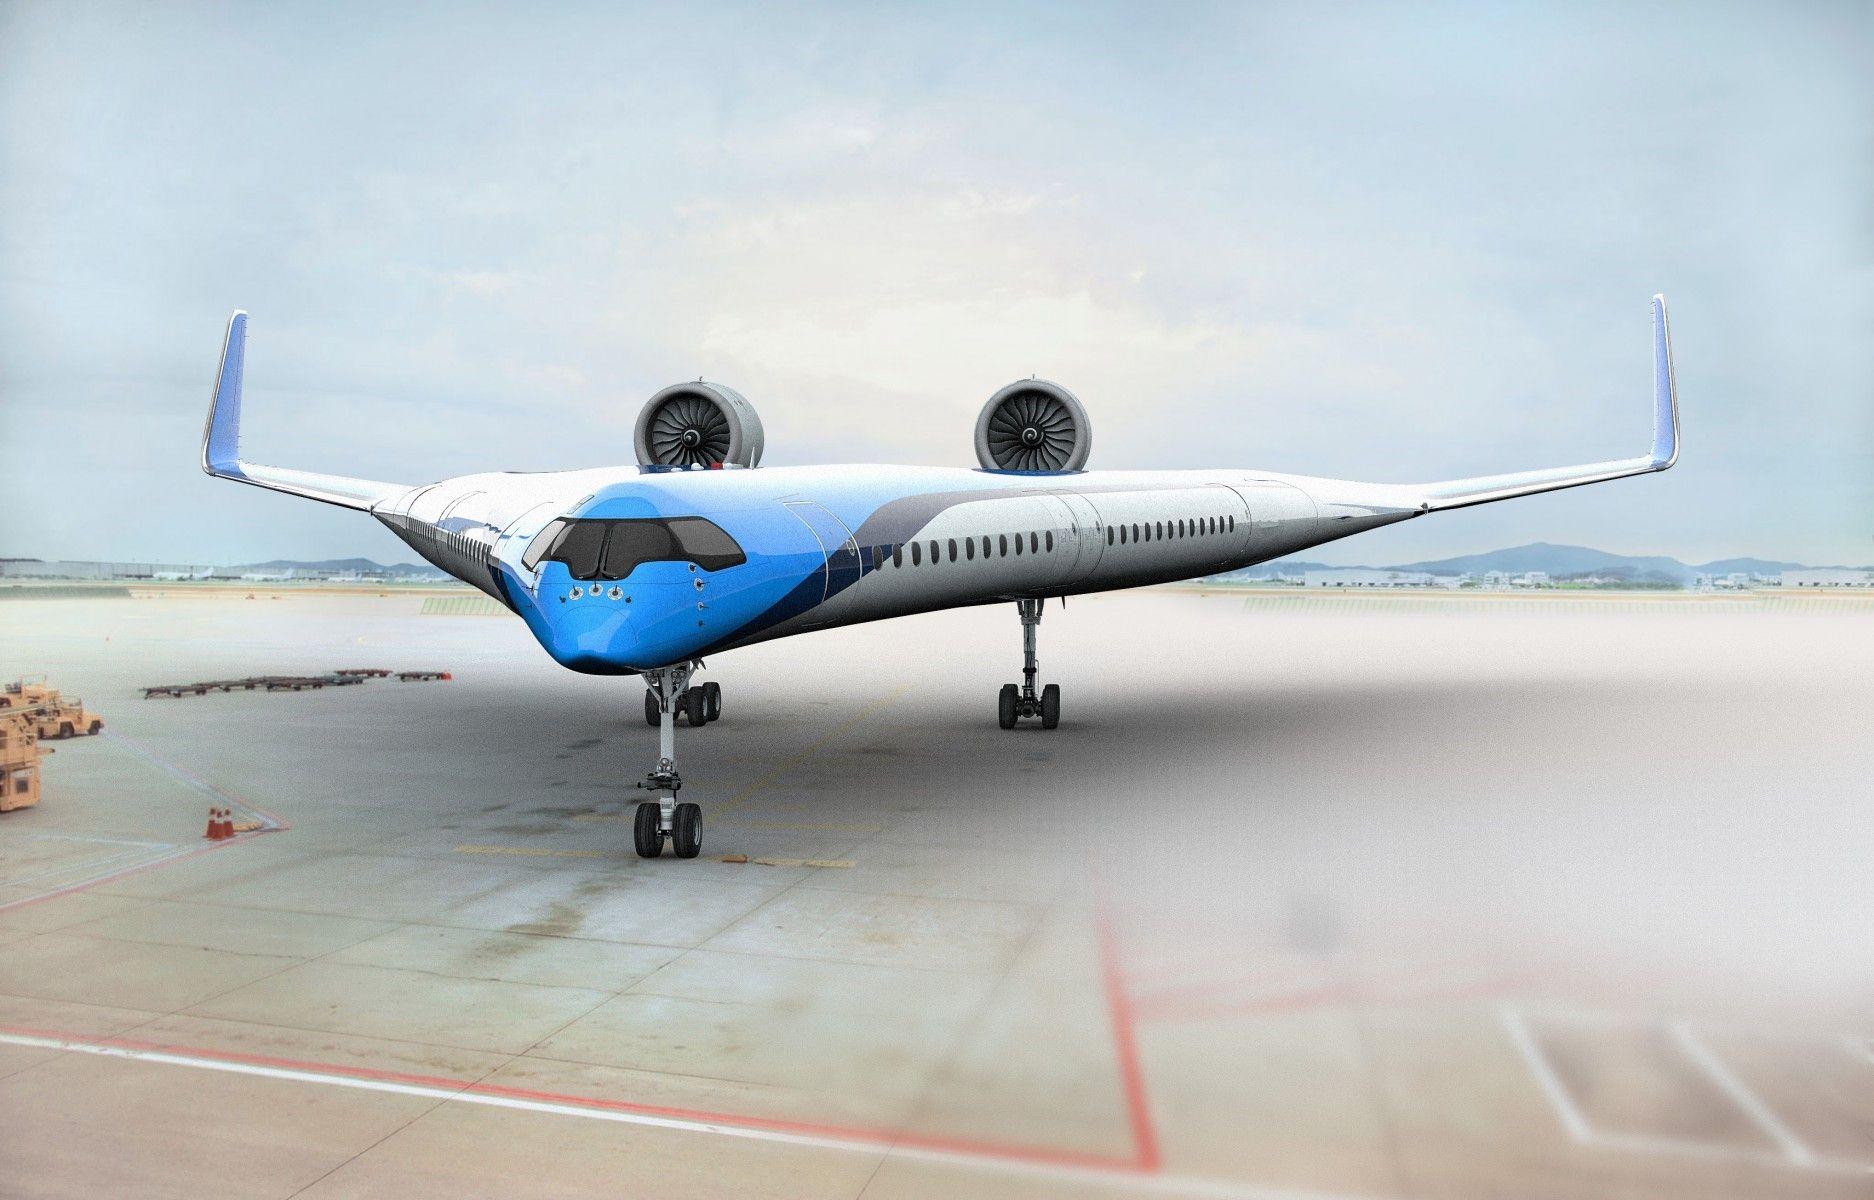 KLM gikk sammen med TU Delft for å gjøre luftfartsindustrien mer bærekraftig.